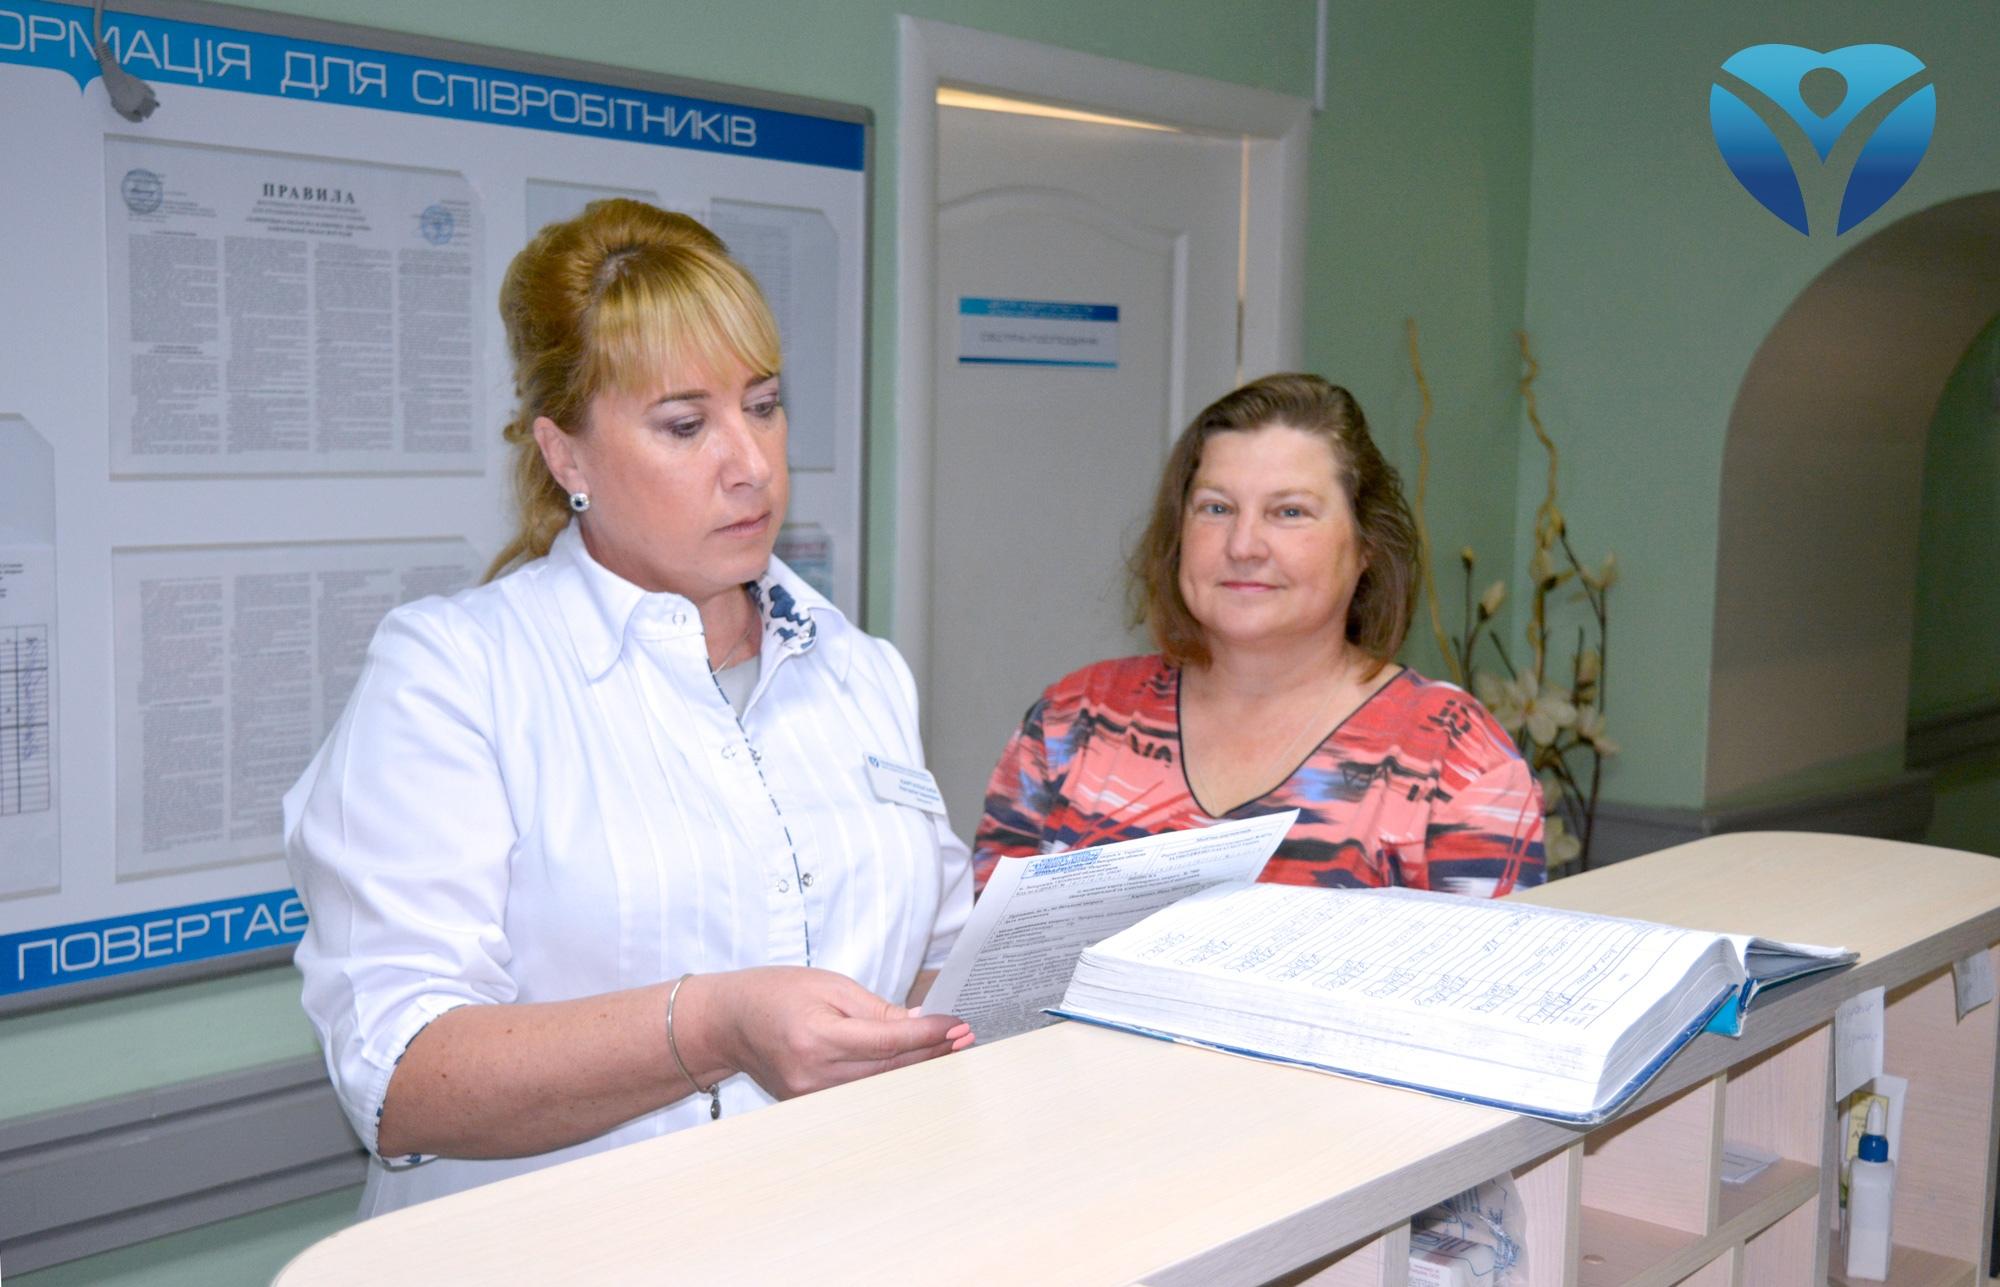 foto-3_blagodarya-pomoshhi-spetsialistov-allergotsentra-zokb-patsientyi-obretayut-vozmozhnost-radovatsya-letu-solntsu-i-tsvetushhim-rasteniyam